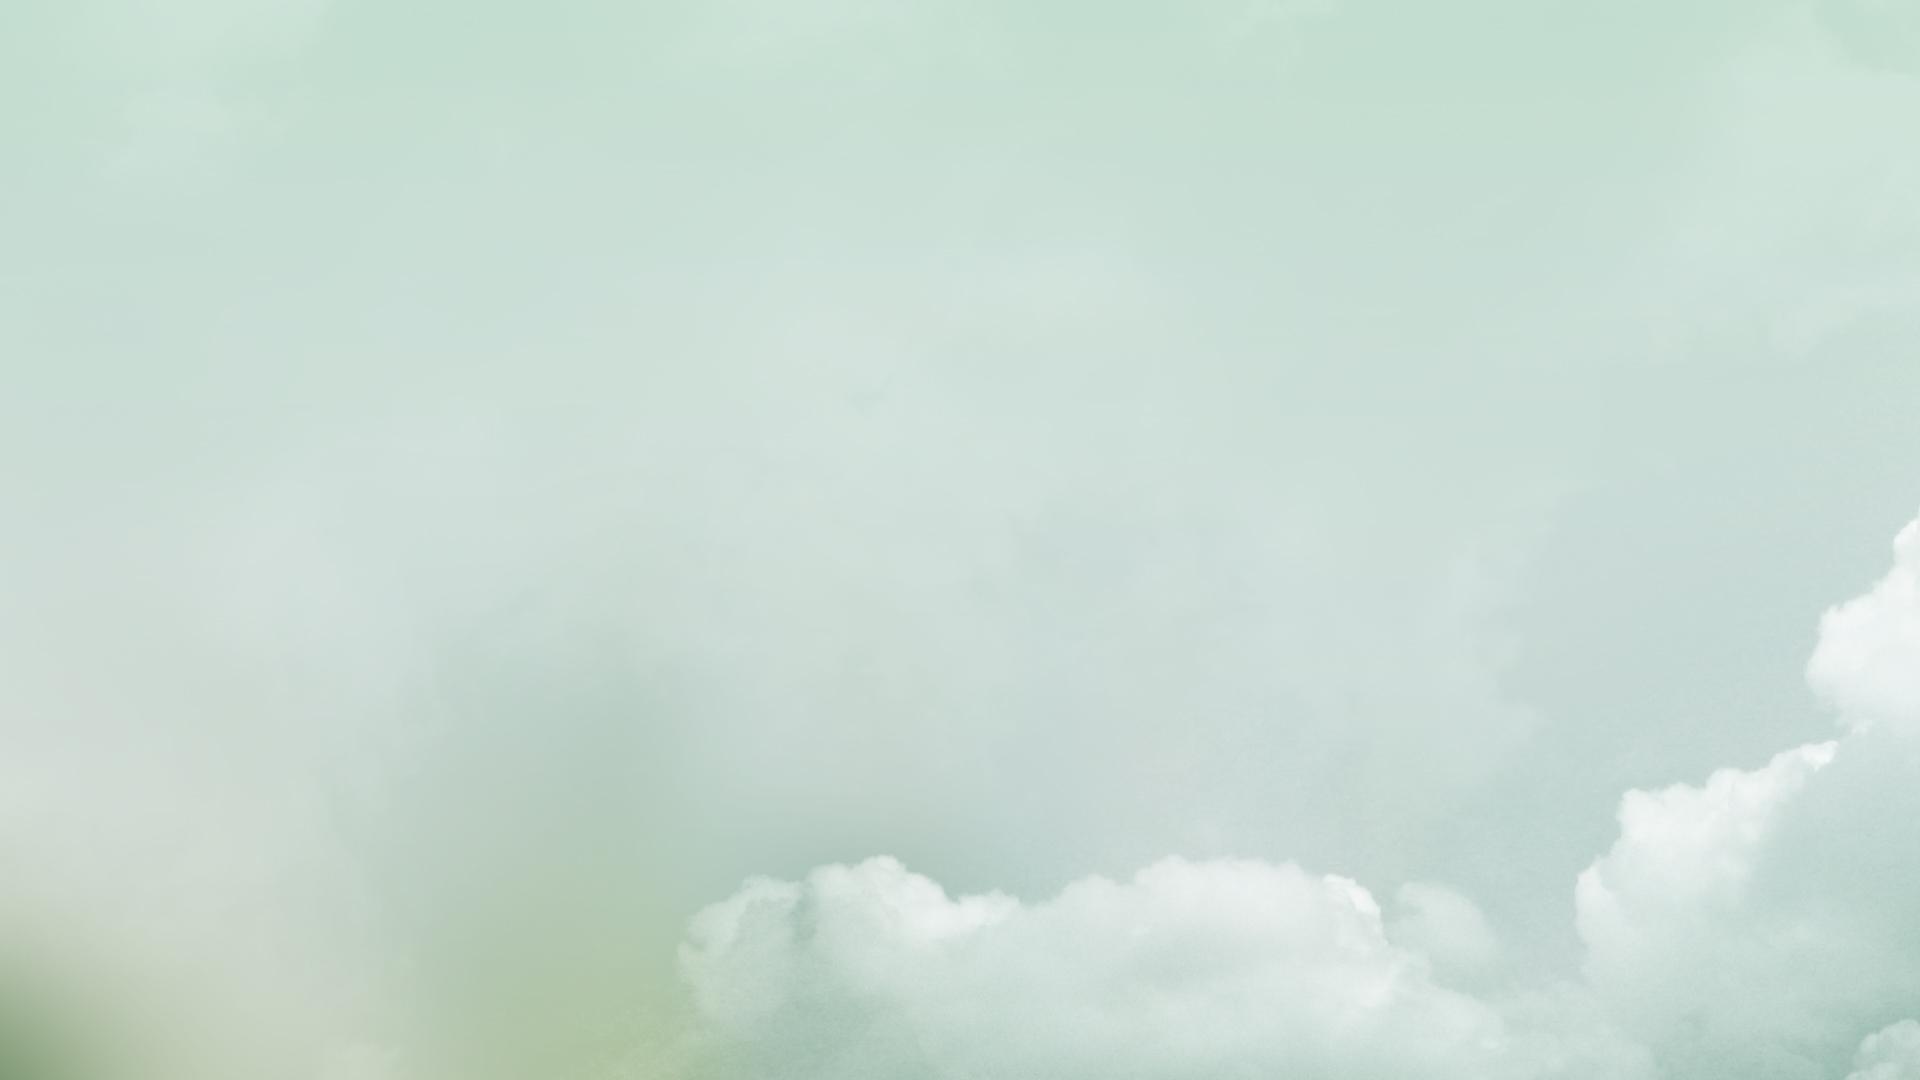 Minimalist wallpaper 5746 1920x1080 px for A minimalist